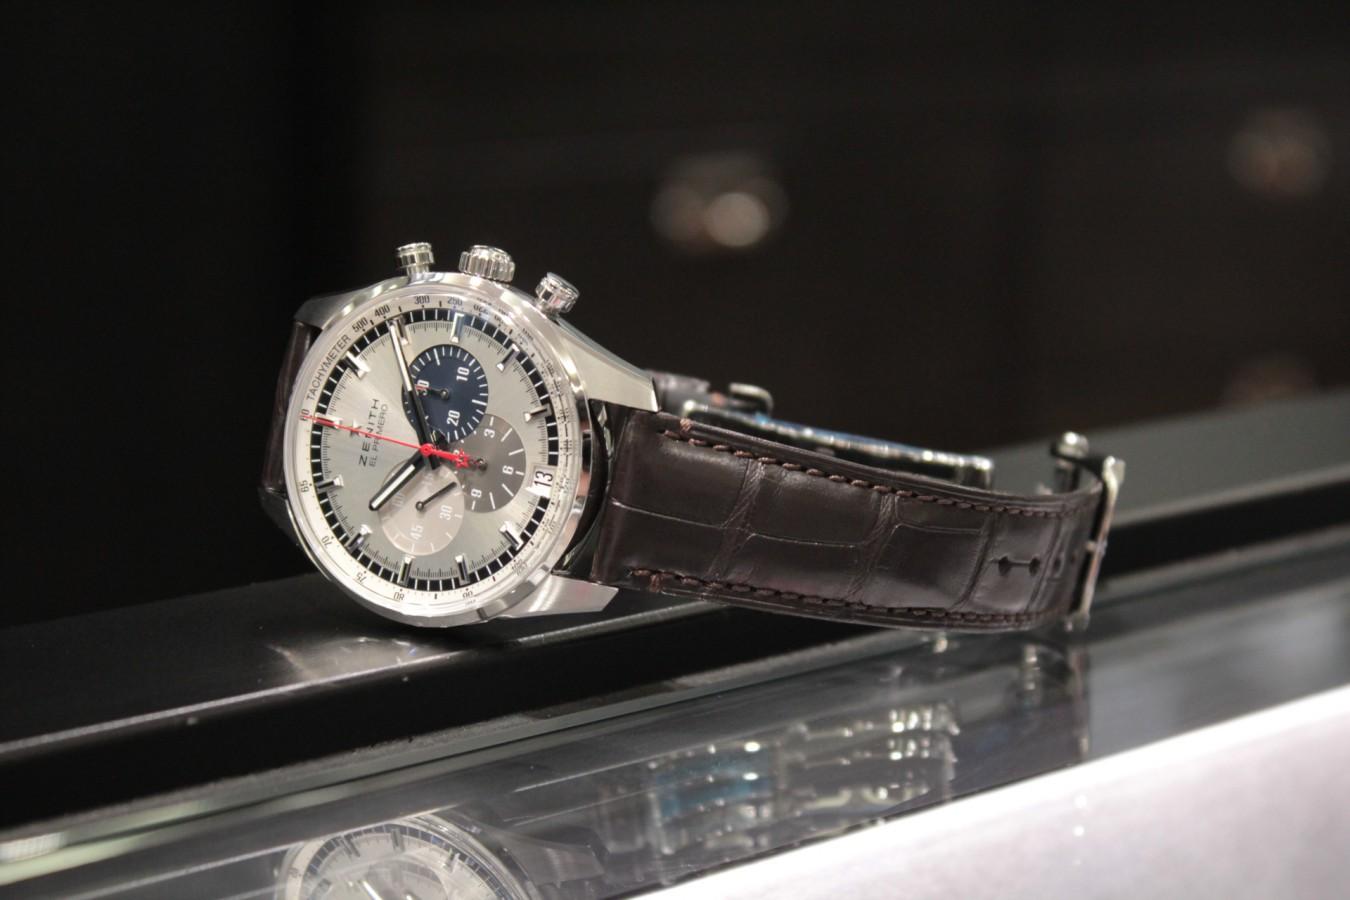 IMG_5941 1969年より続くゼニスが誇るデザイン。【エル・プリメロ 42mm】 - CHRONOMASTER